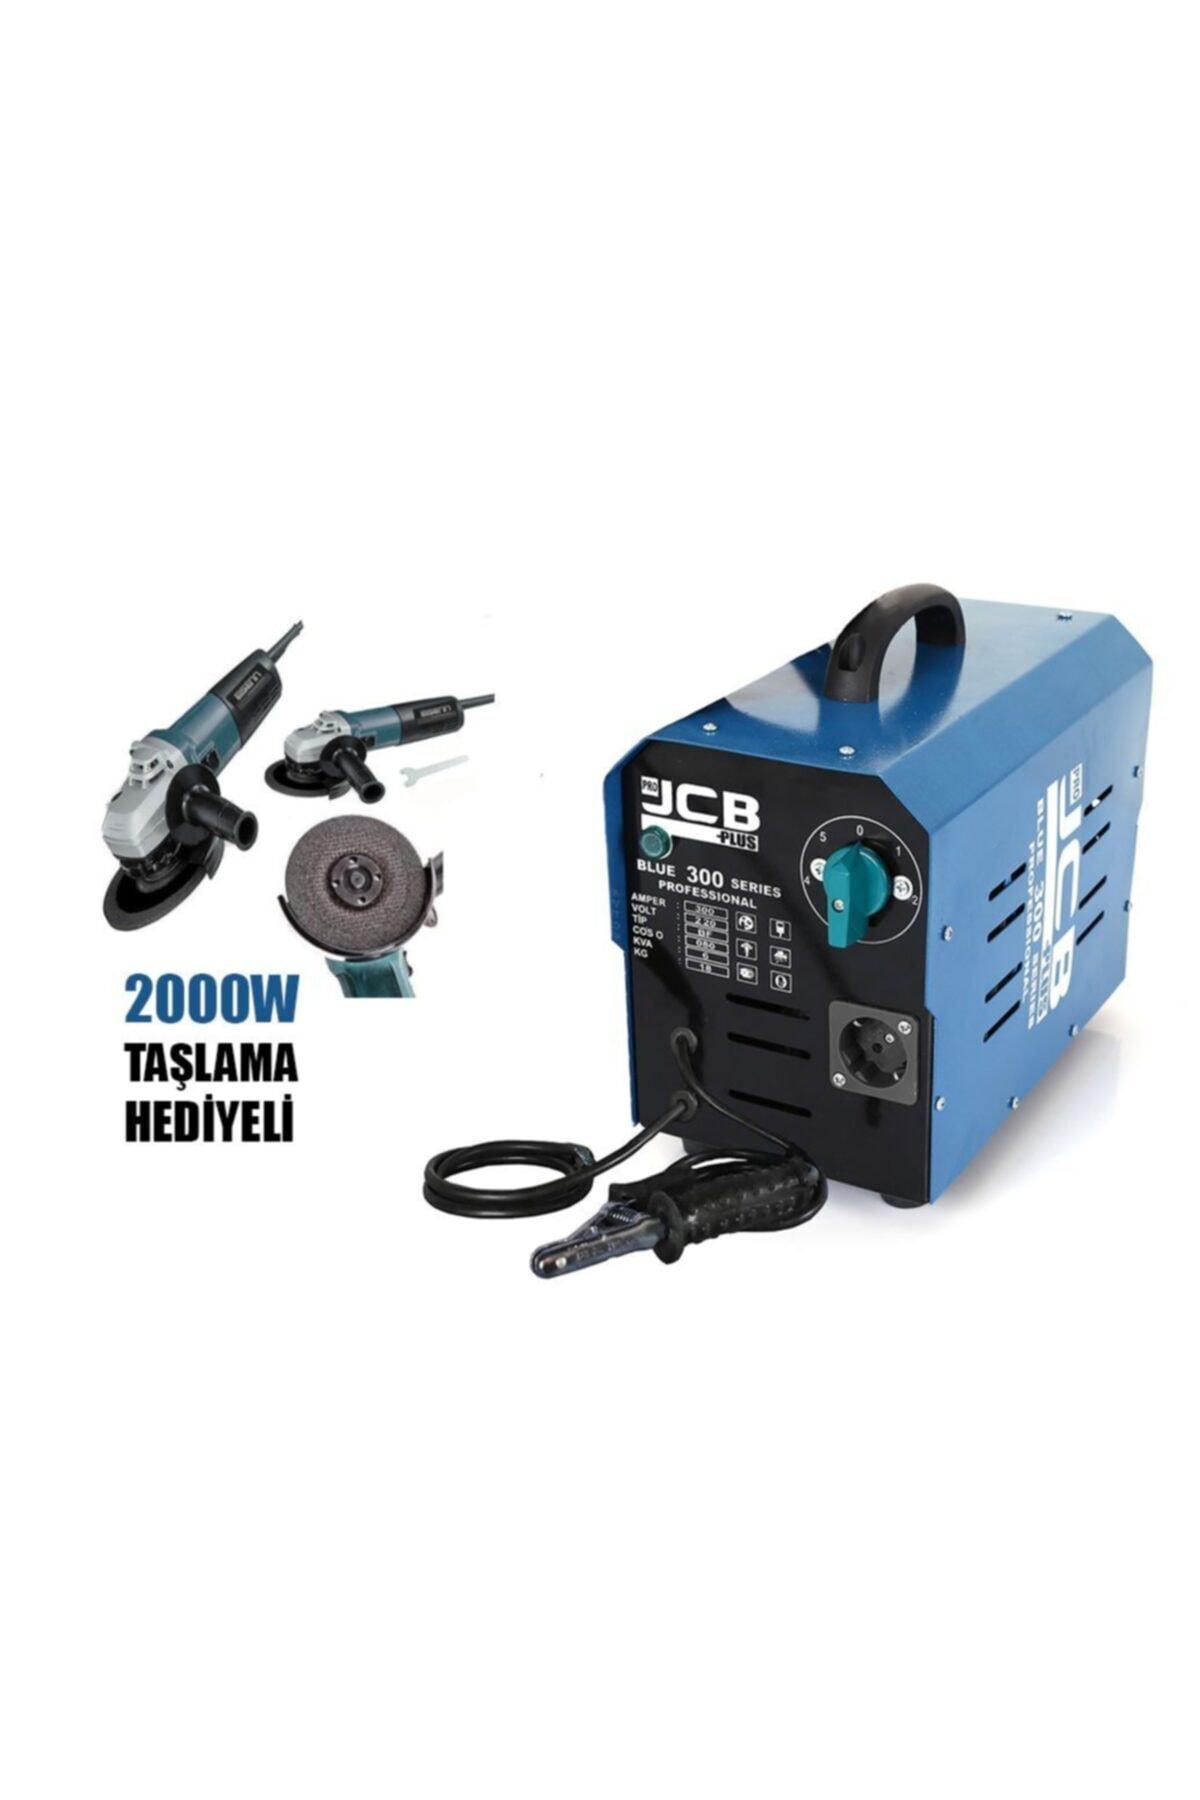 ProJCB Plus Jcb Pro Plus BLUE 300 5 Kademeli Kaynak Makinası 300 Amper Bakır Sargılı 2000 W Spiral Hediyeli 1